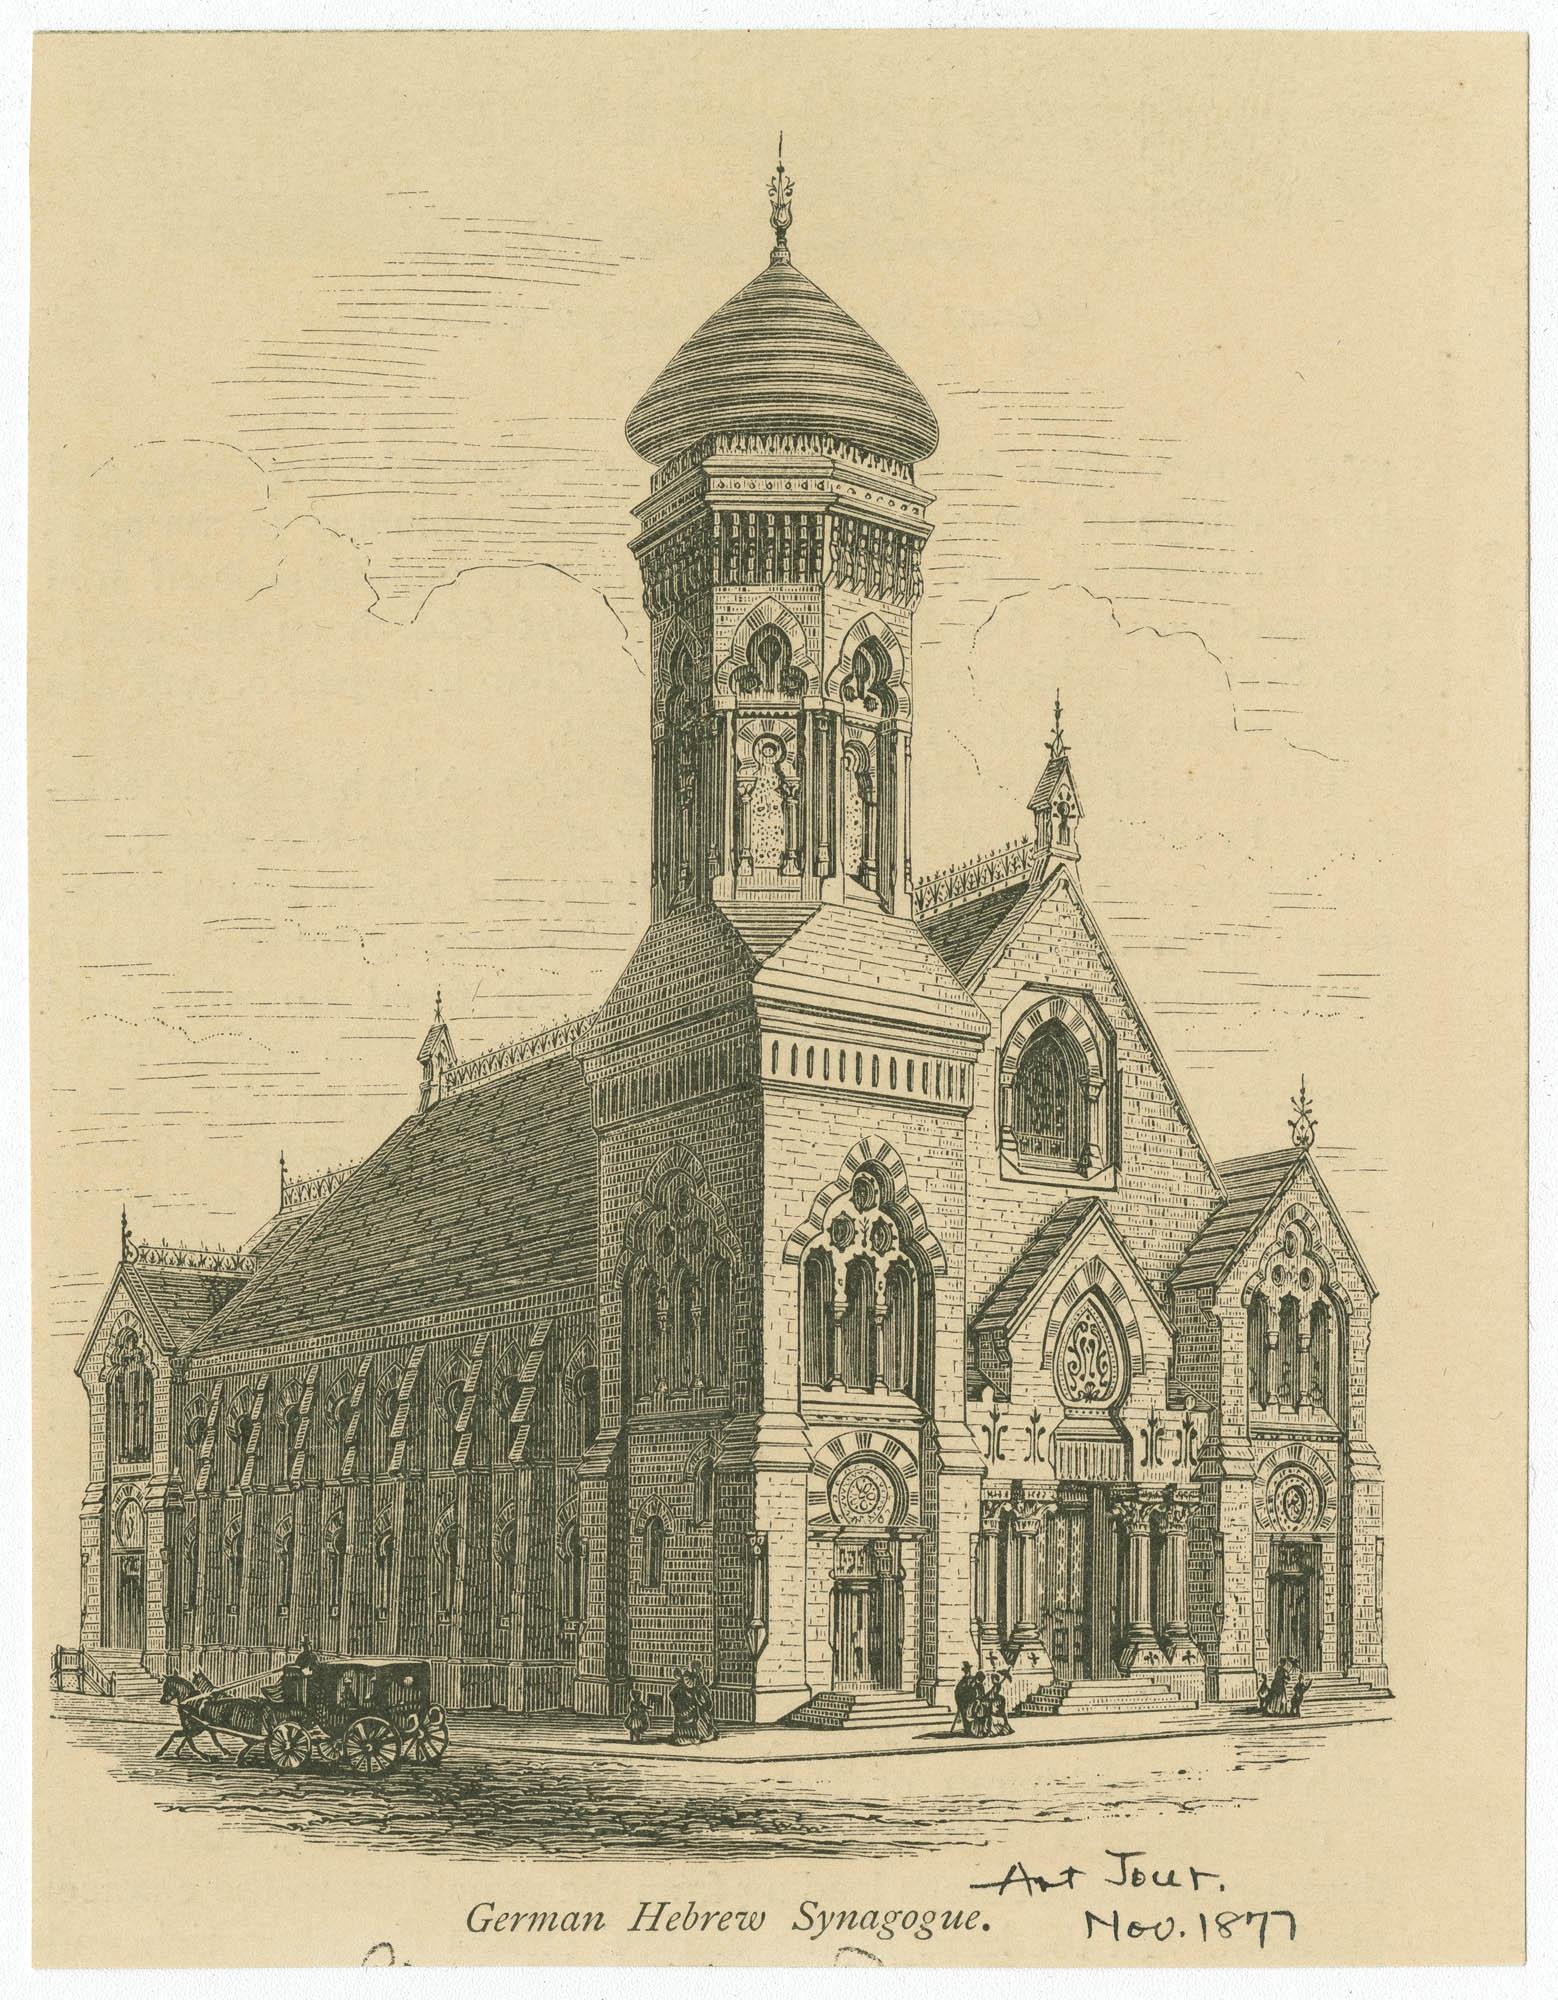 German Hebrew Synagogue